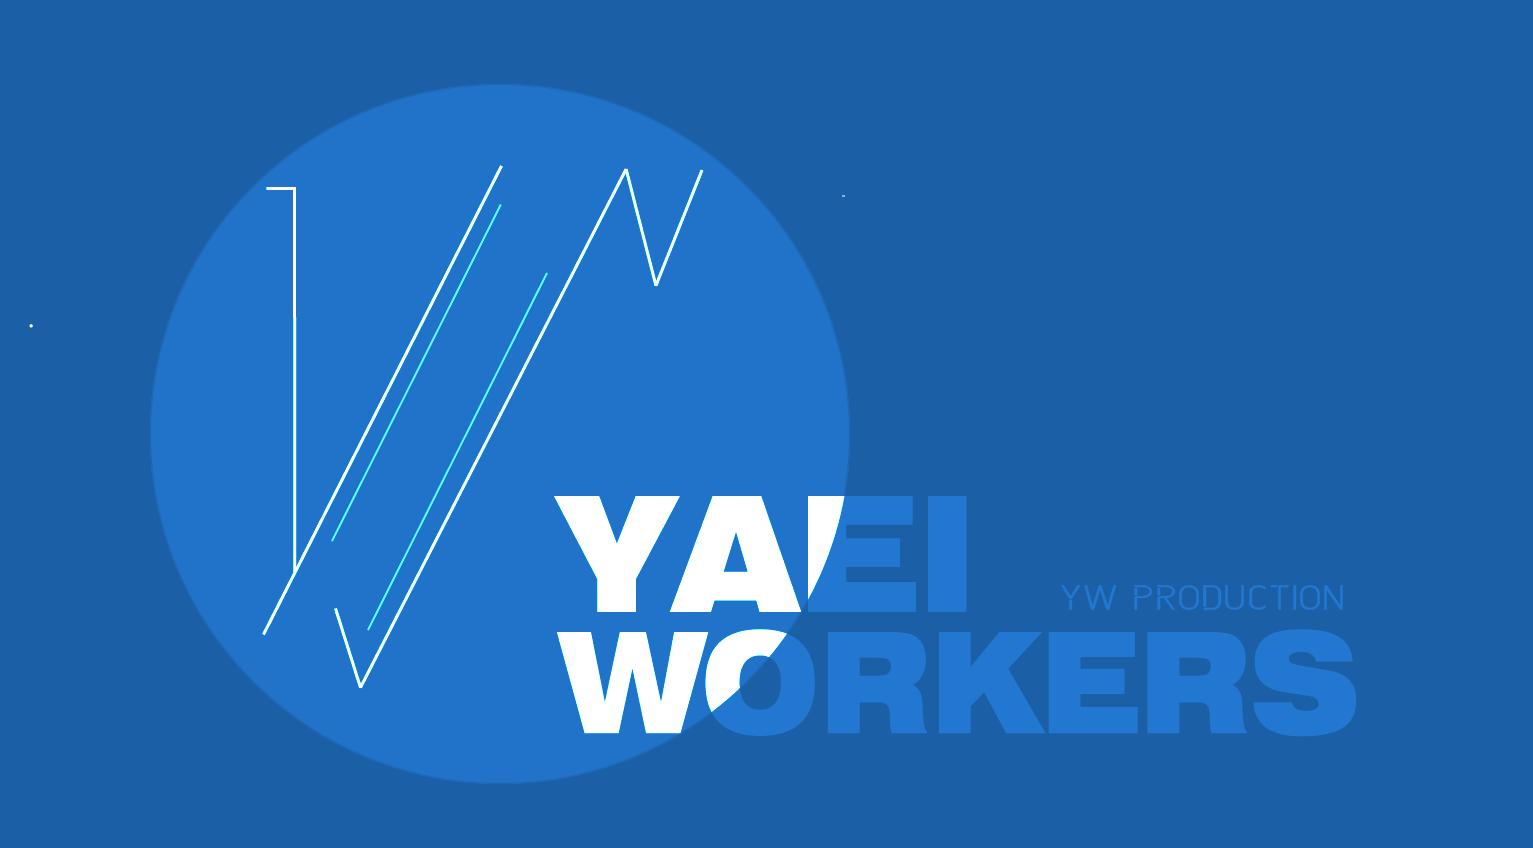 YAEI Workers